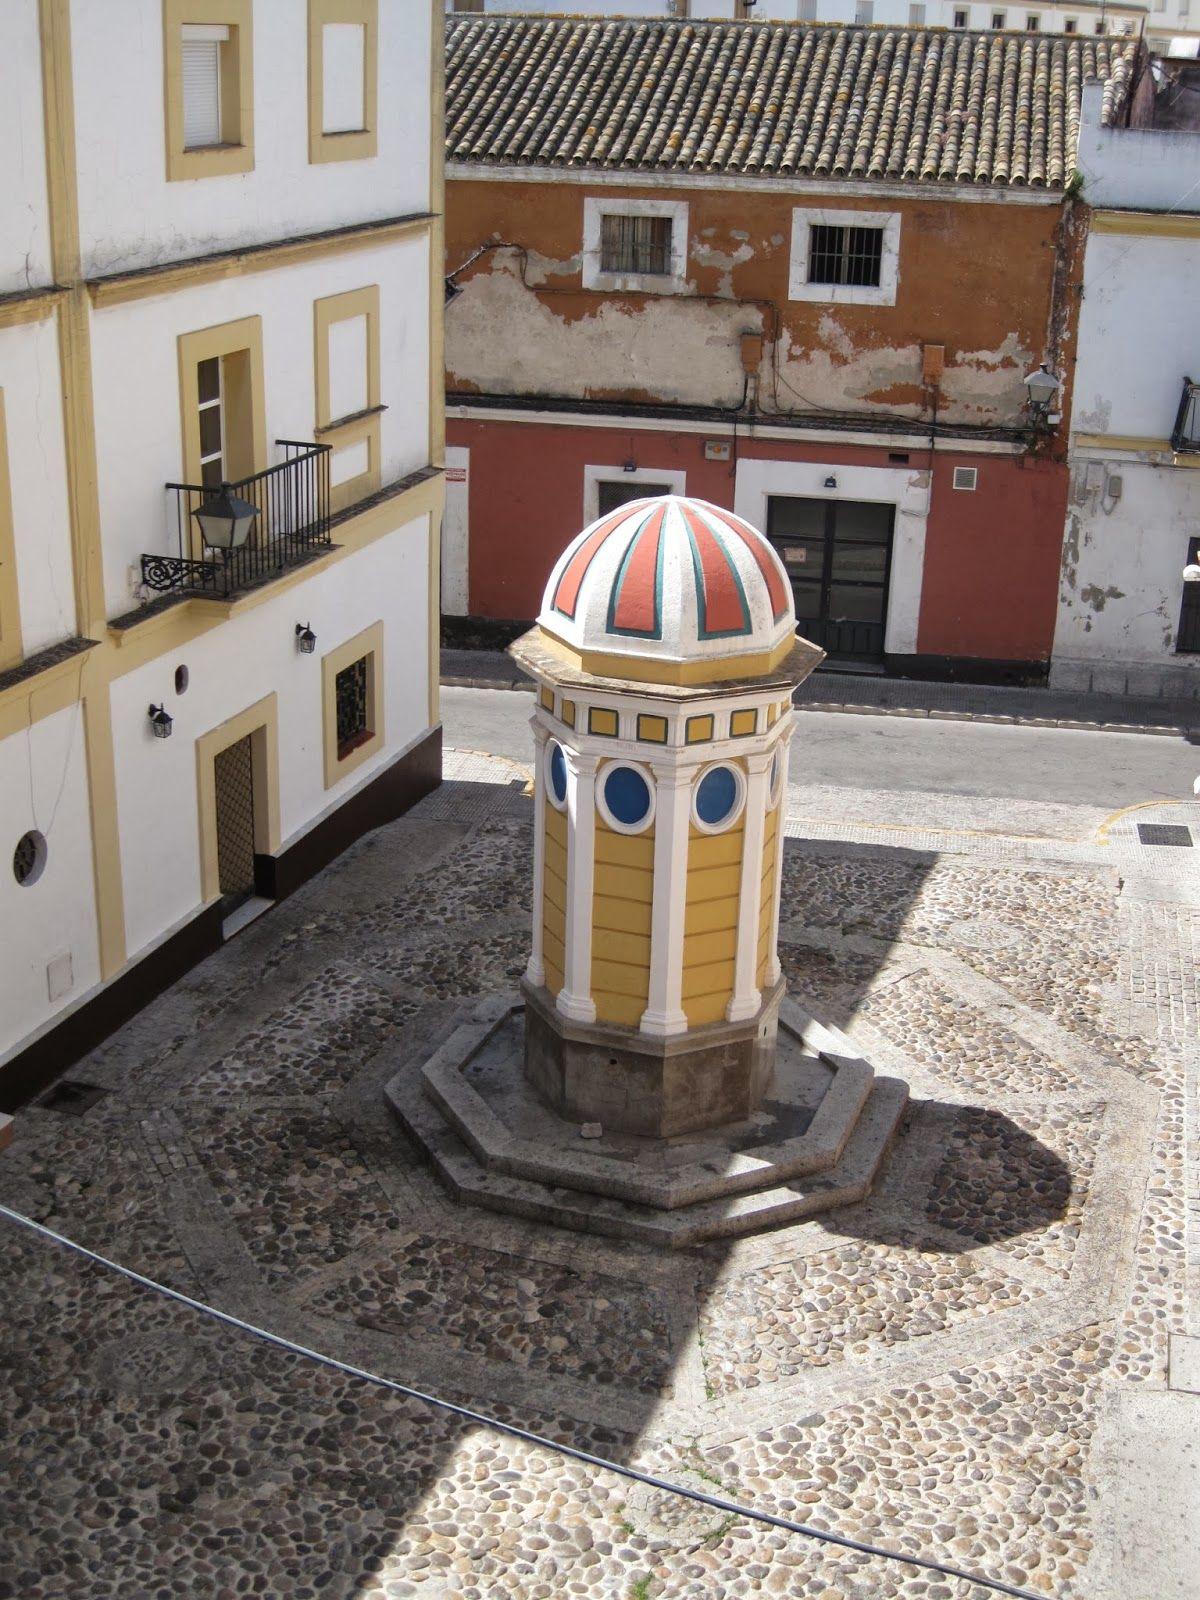 Mstraveltipsy -  Reiseblogg / Travel Blog: El Puerto, Sevilla, Alicante